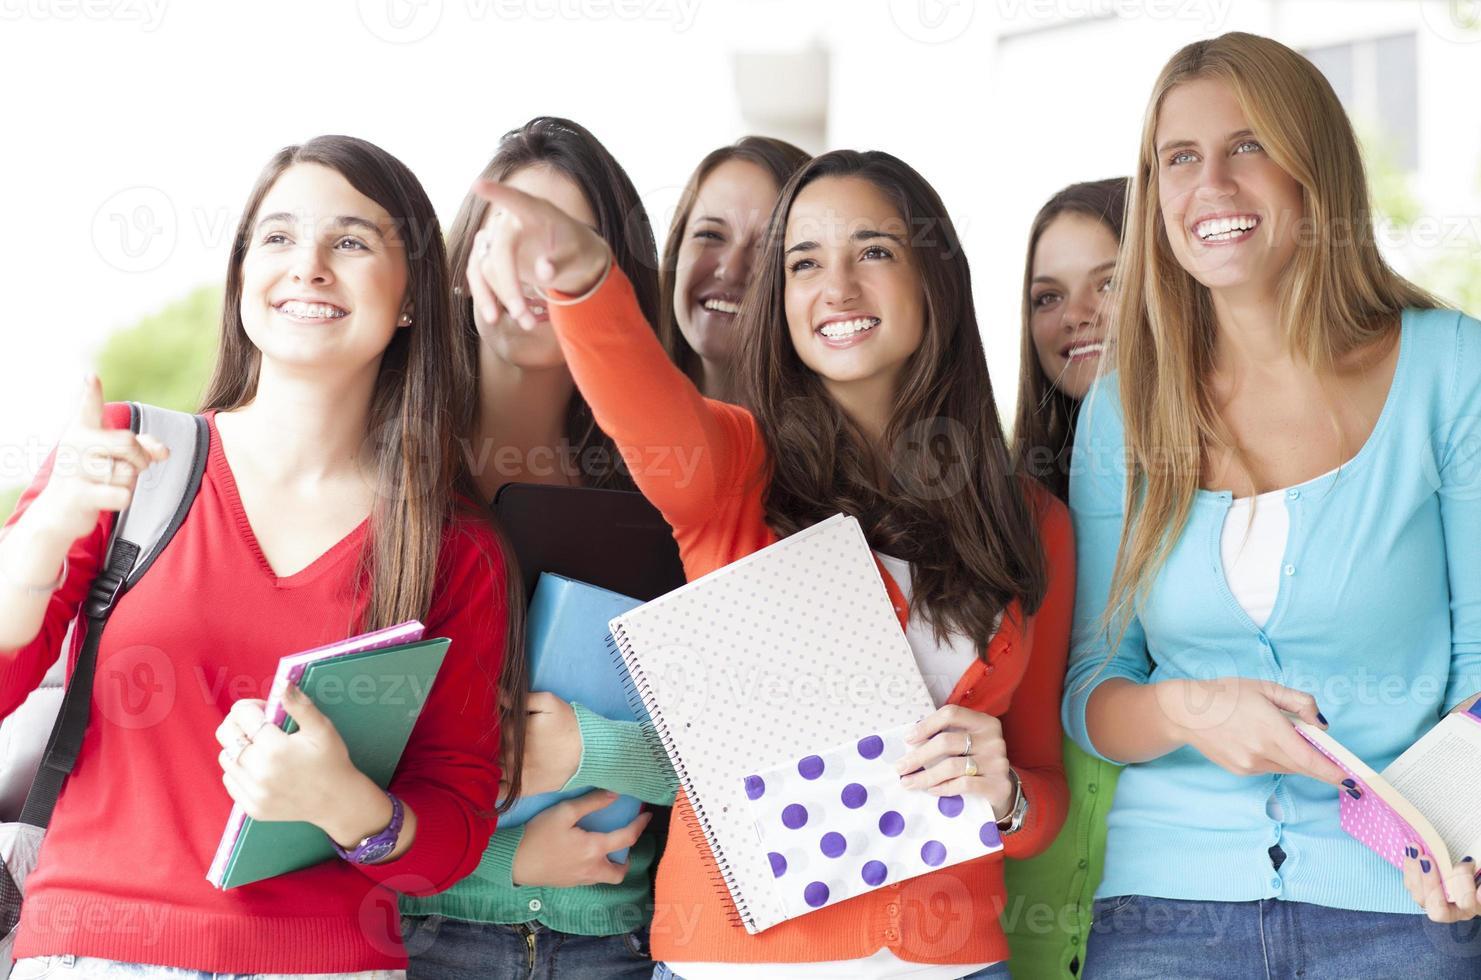 giovani studenti sorridenti foto